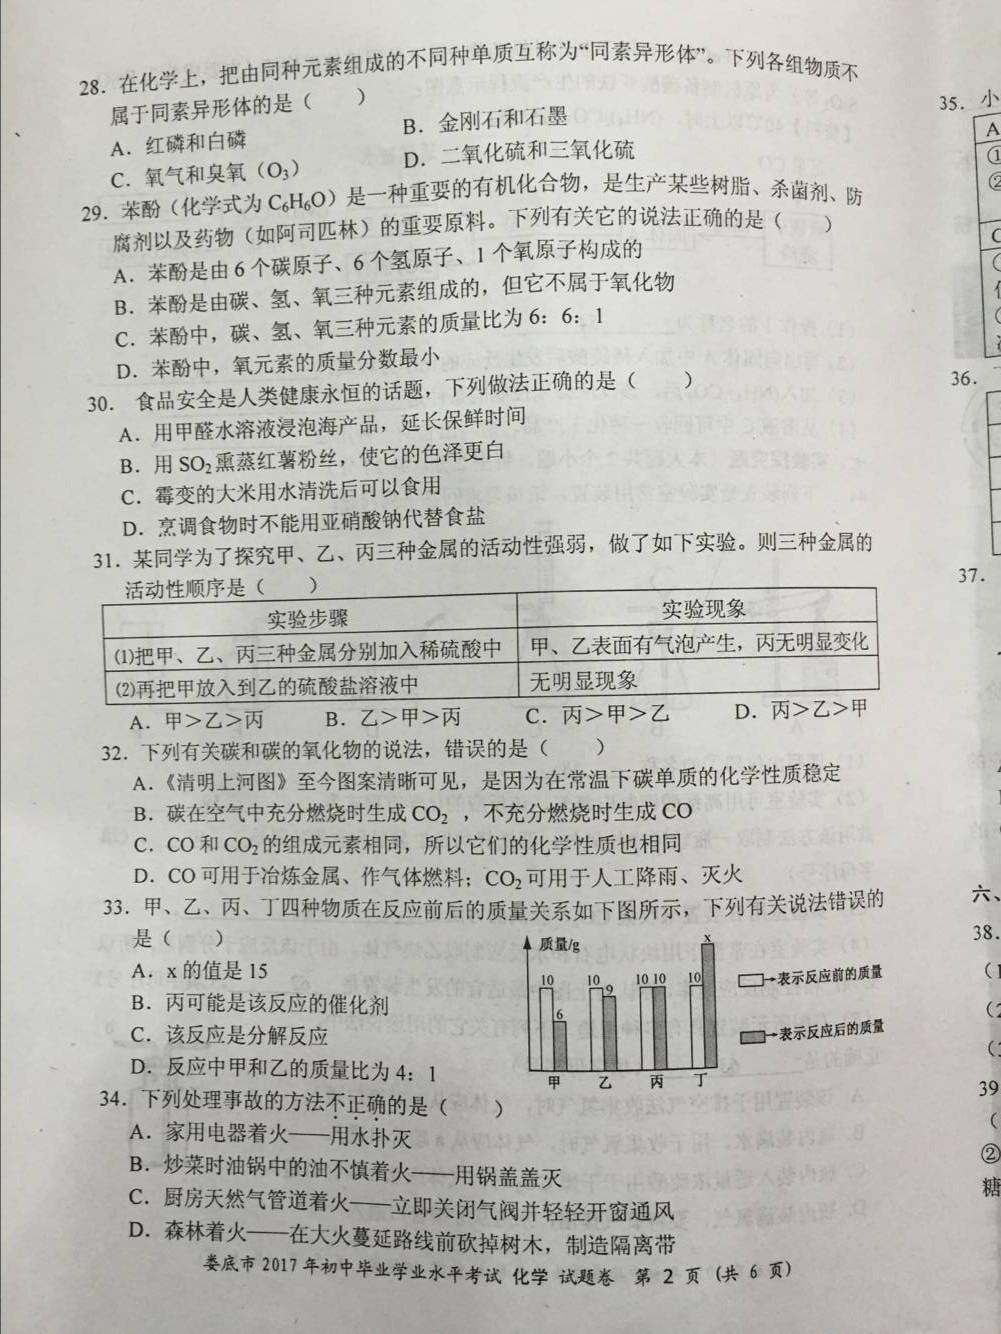 2017年湖南娄底化学中考真题图2